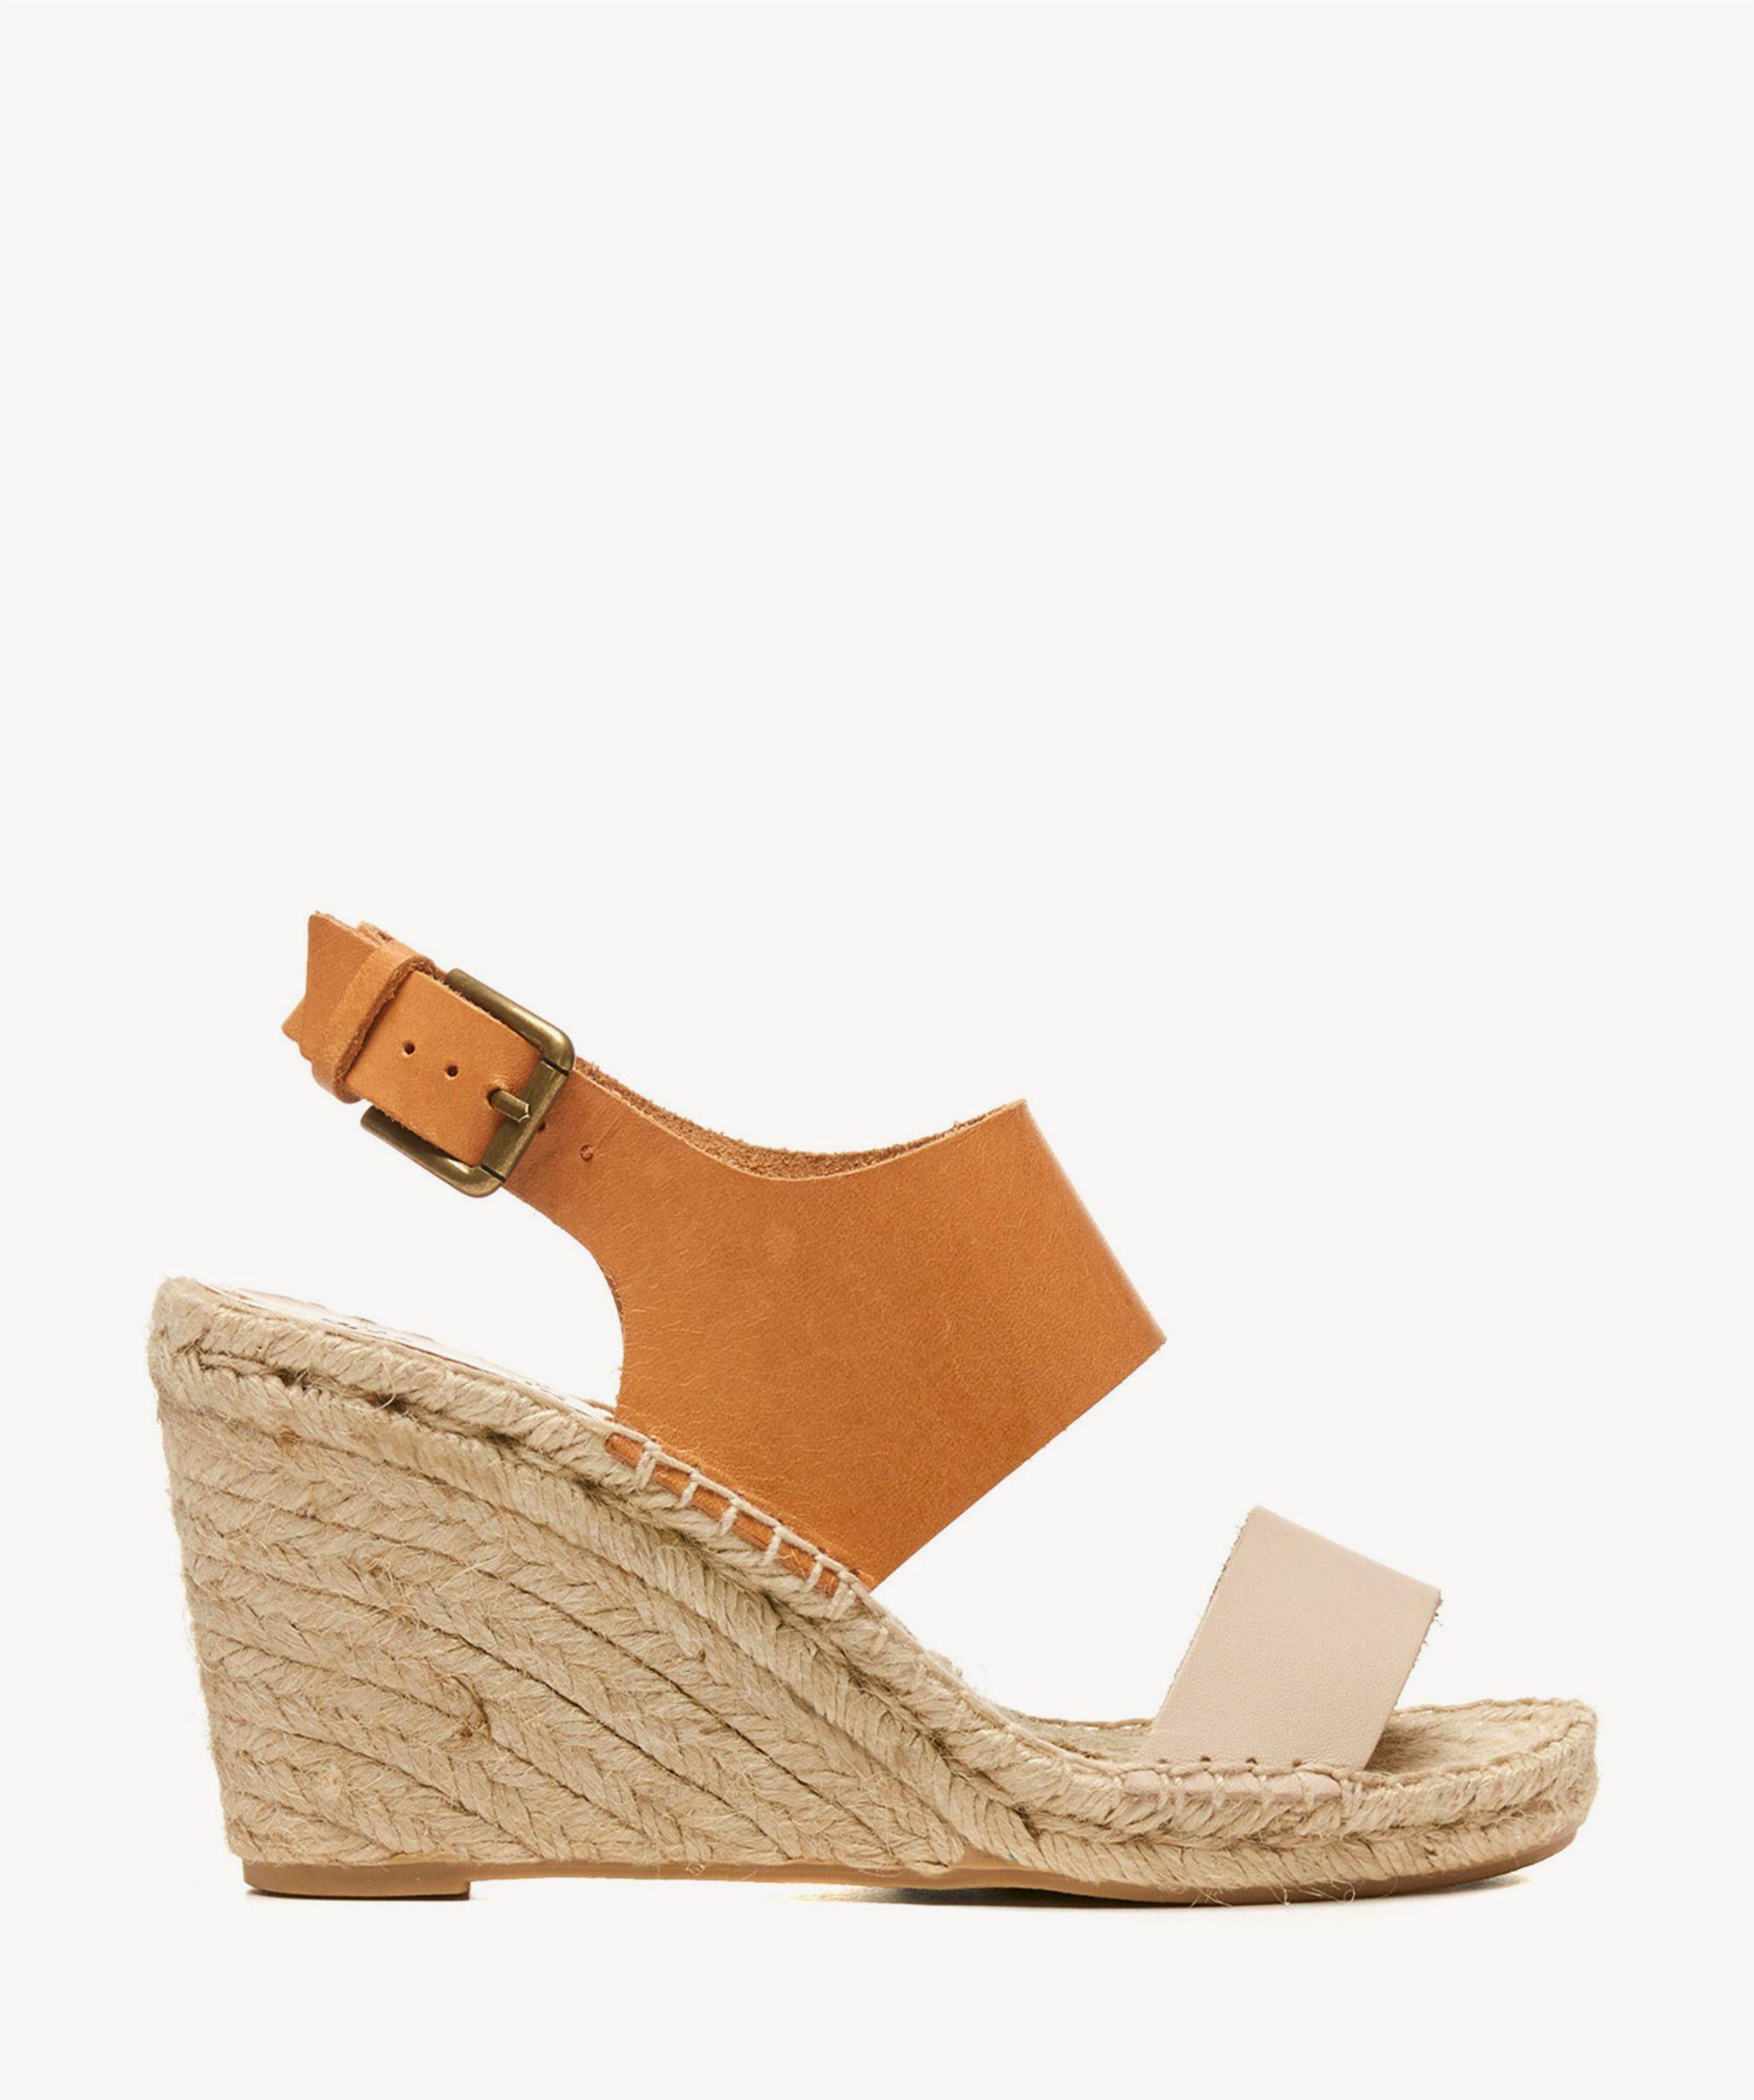 df14d77e6cd Soludos Bi Color Wedges Platform Sandals Nude ivory